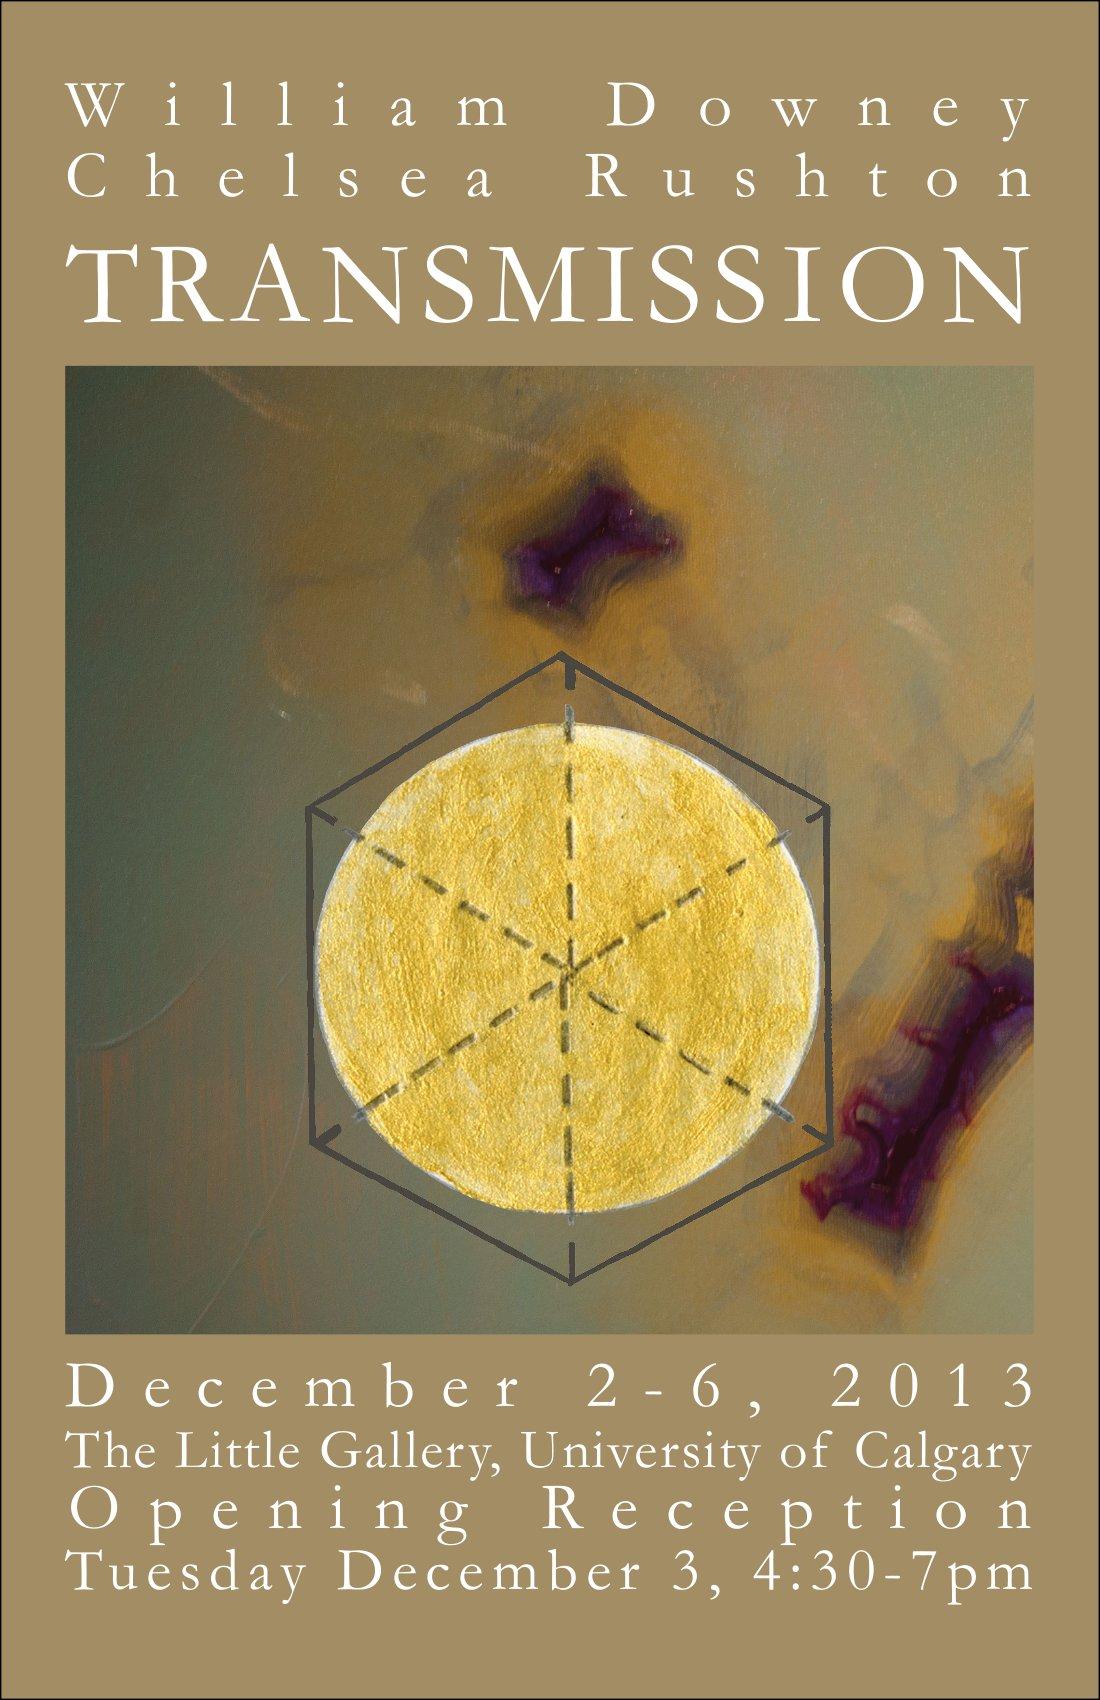 transmission poster.jpg